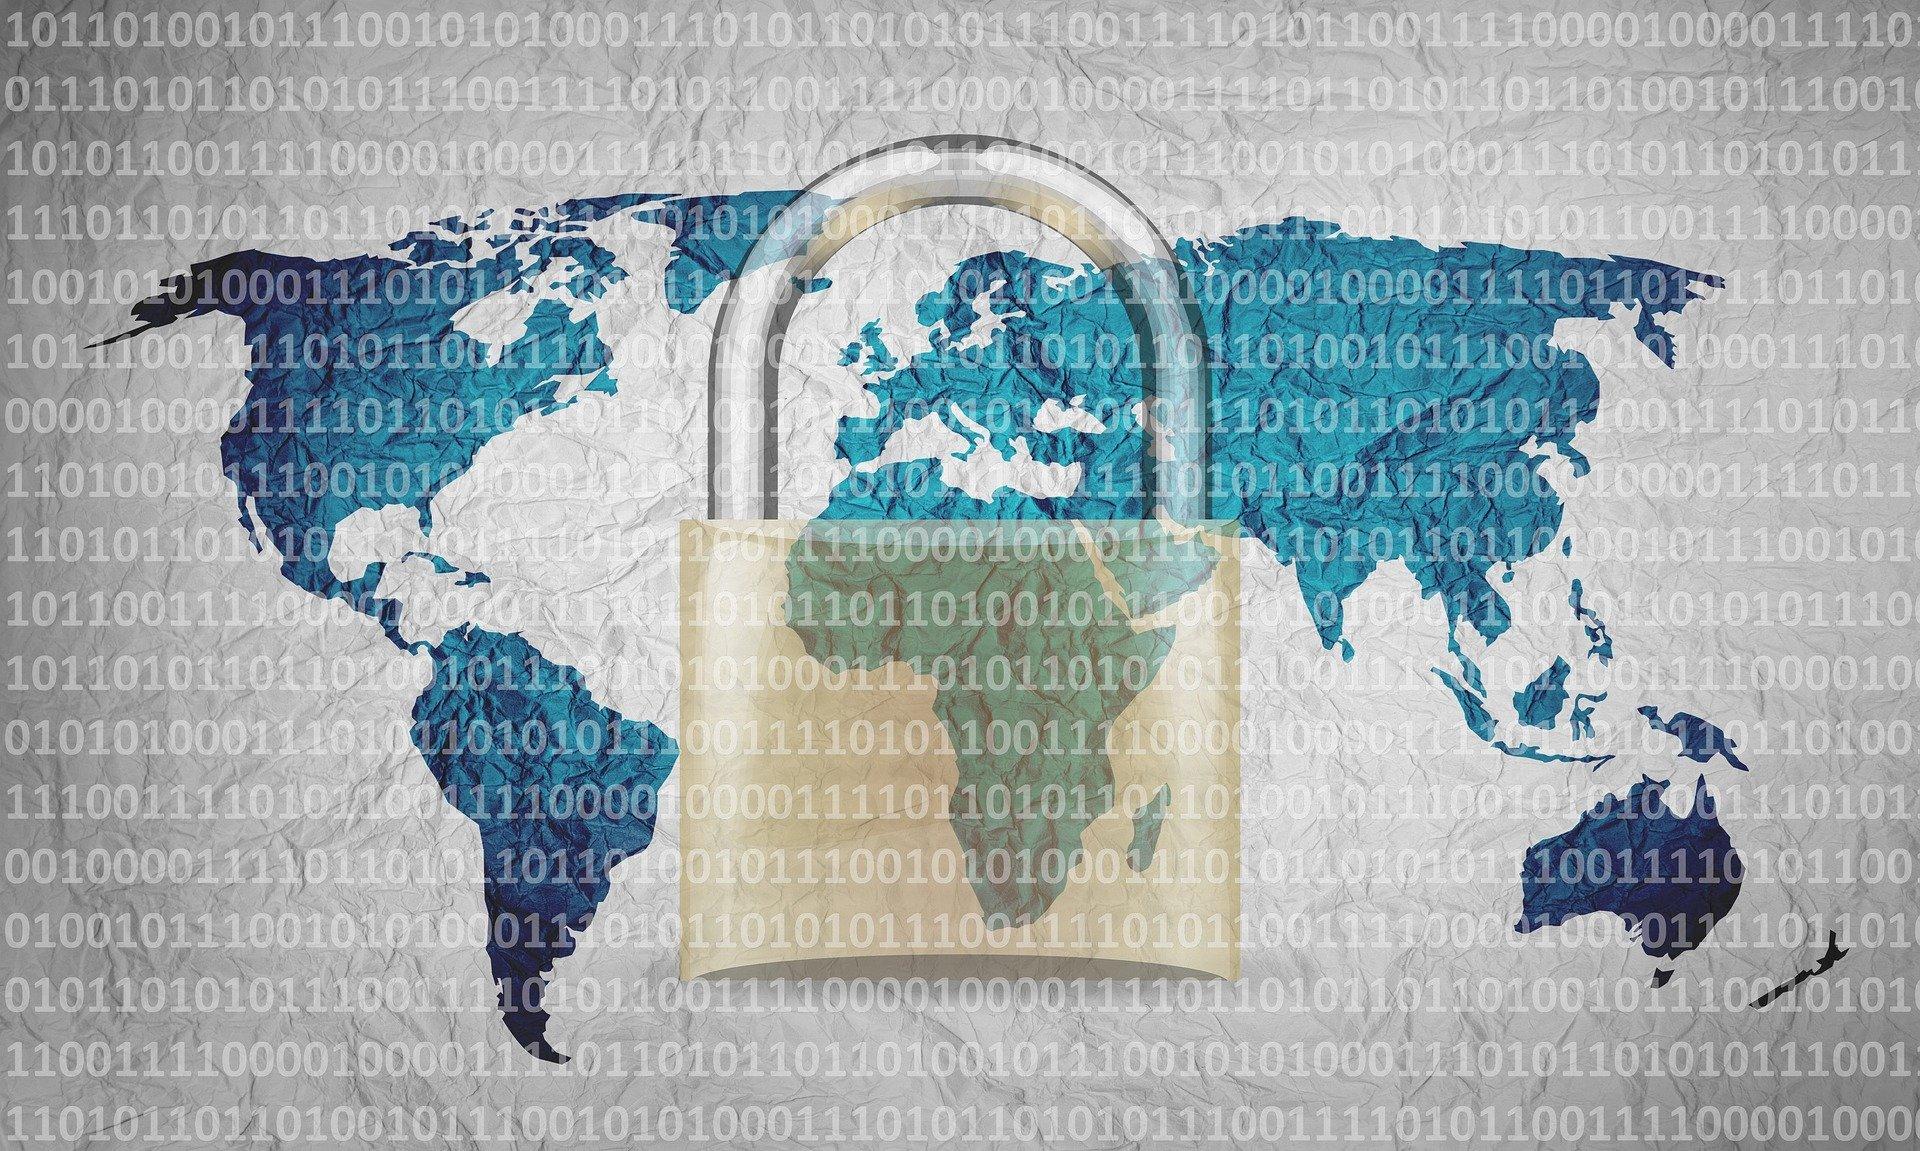 Los retos de la transformación digital segura y los ciberriesgos